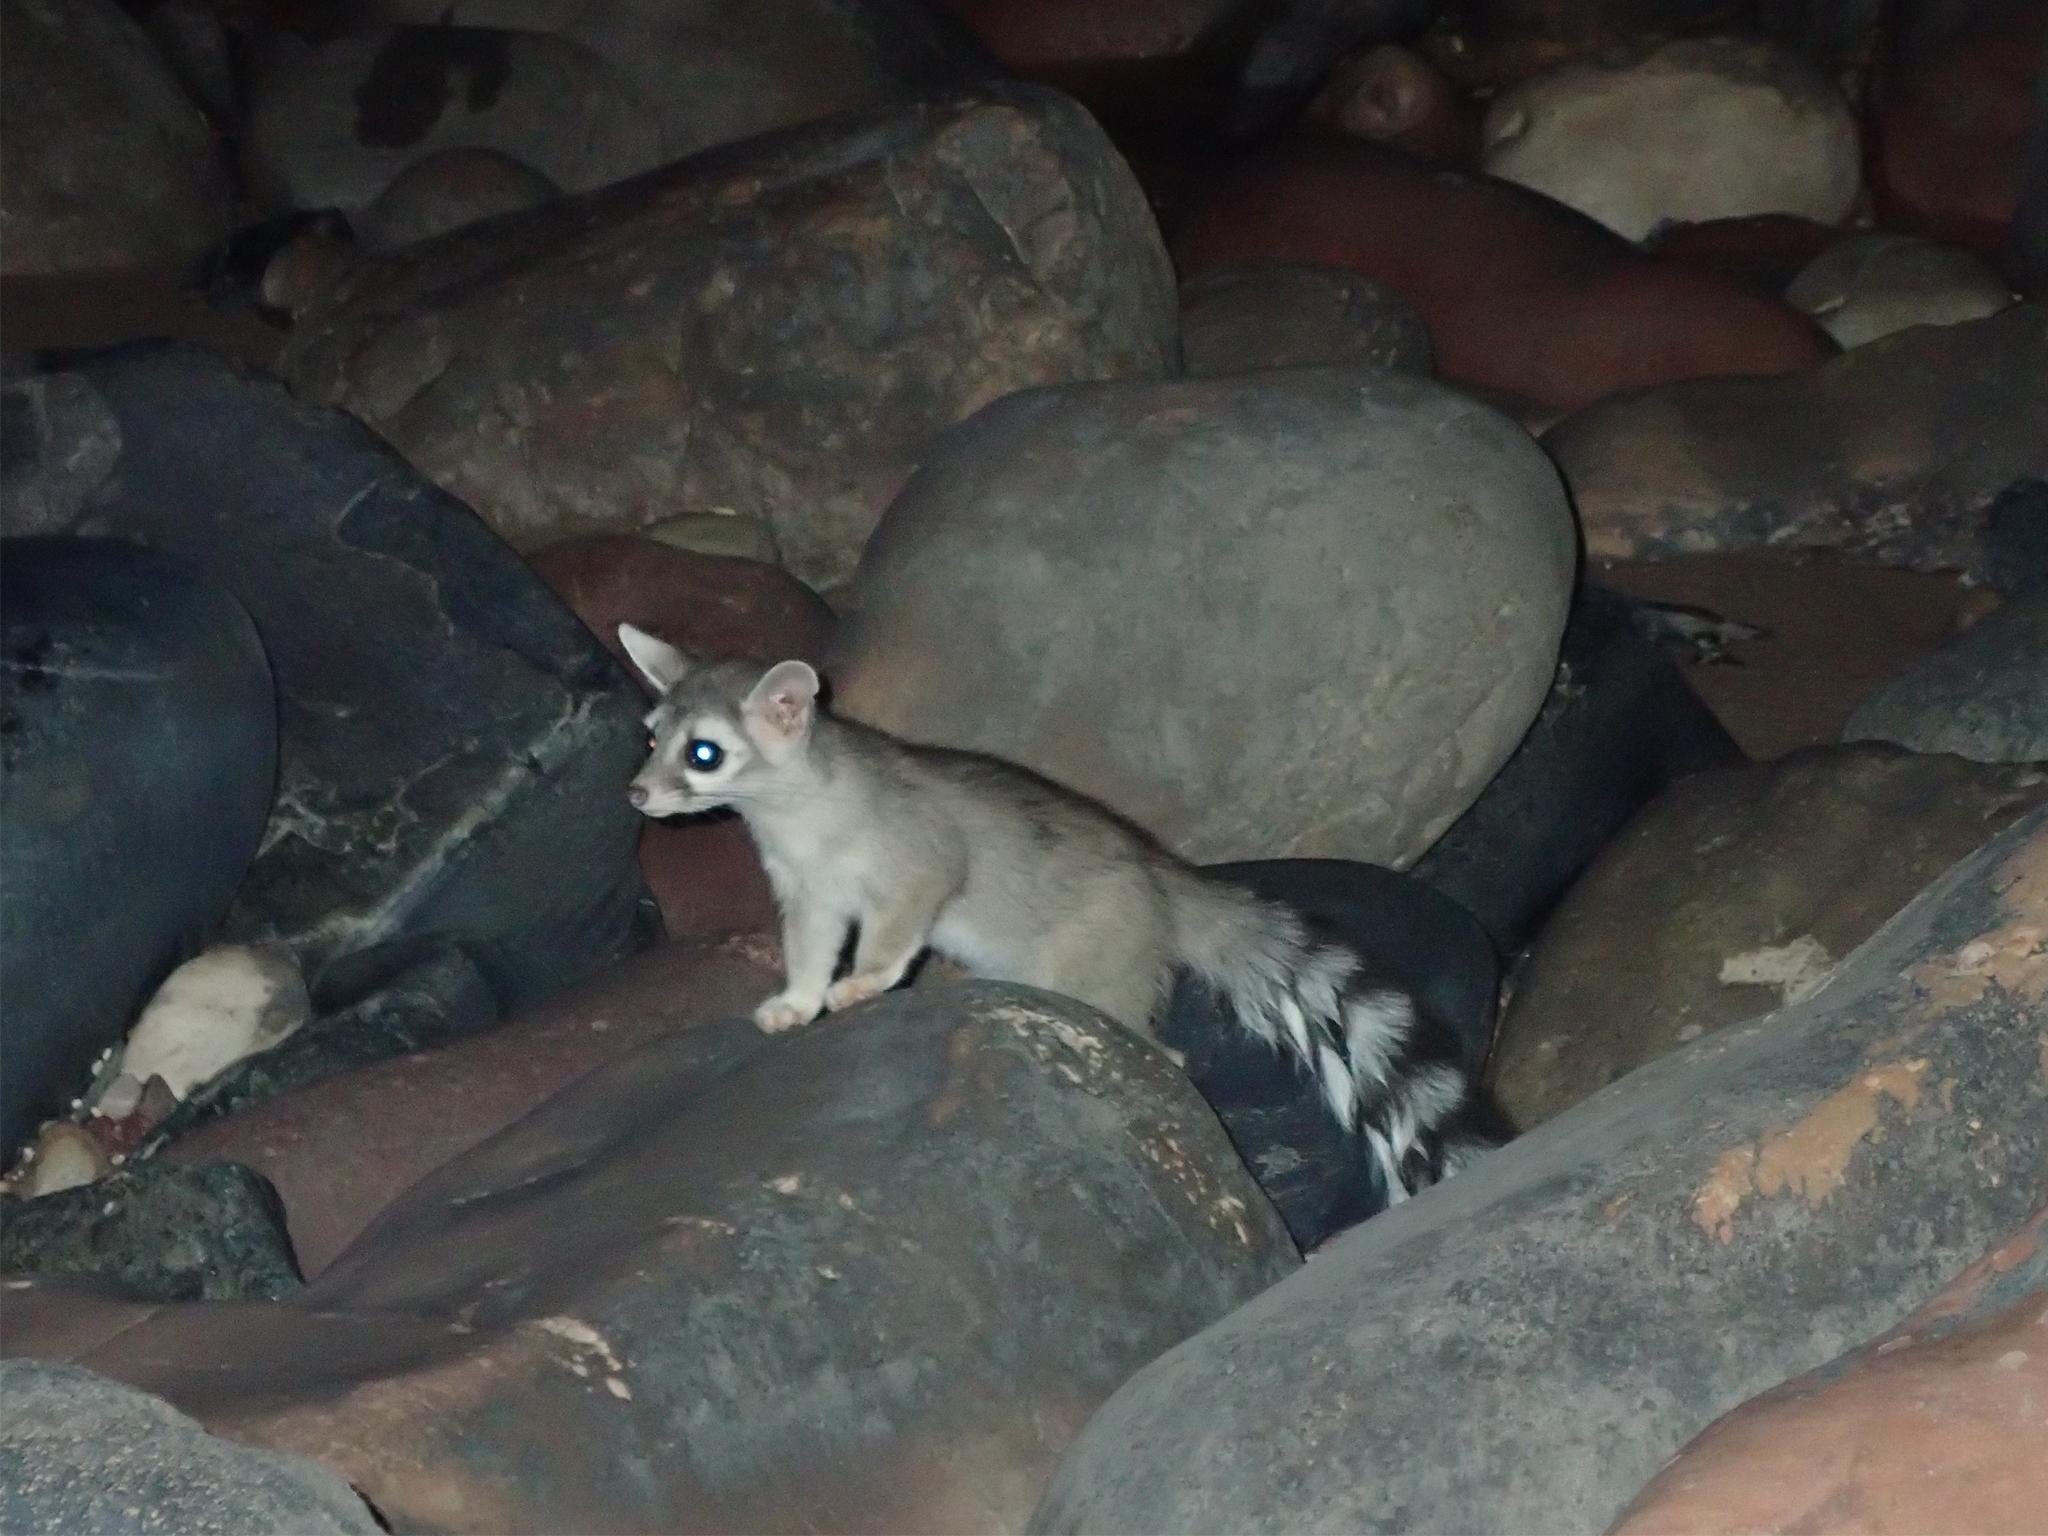 Cacomixtle de perfil captado durante la noche sobre unas rocas